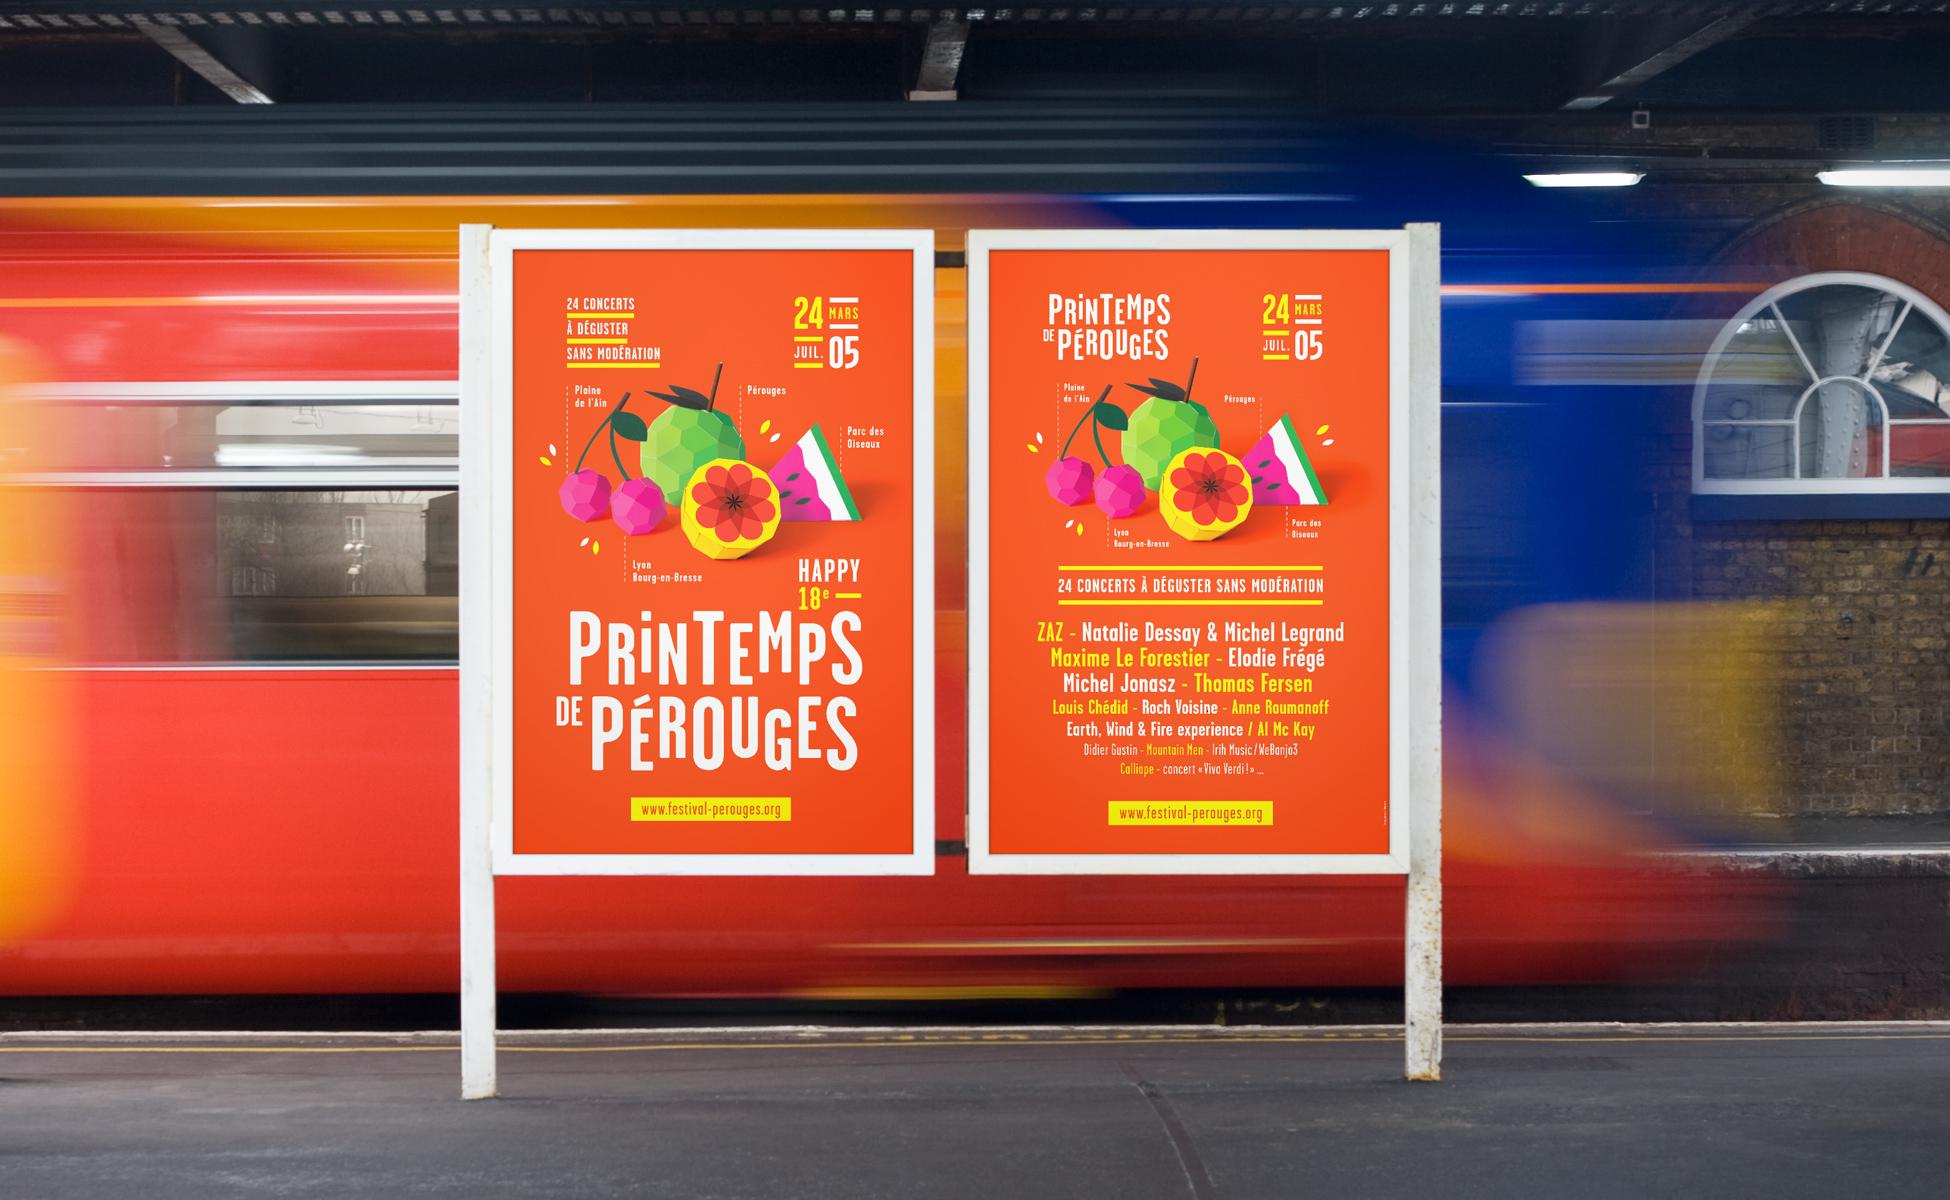 Spring festival of pérouges poster design graphéine